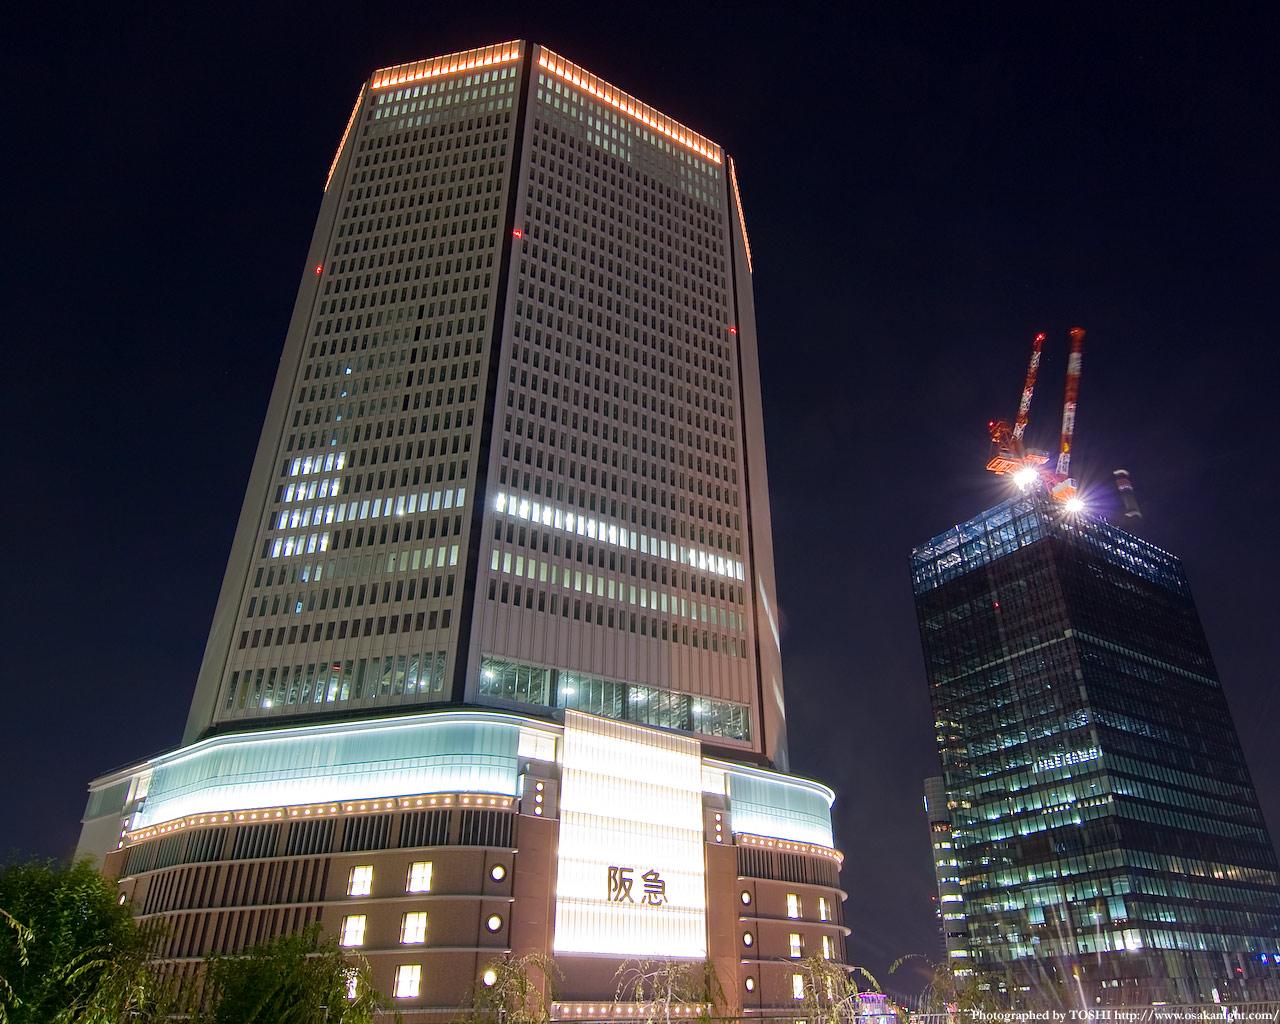 建設中の梅田阪急ビルと大阪富国生命ビル